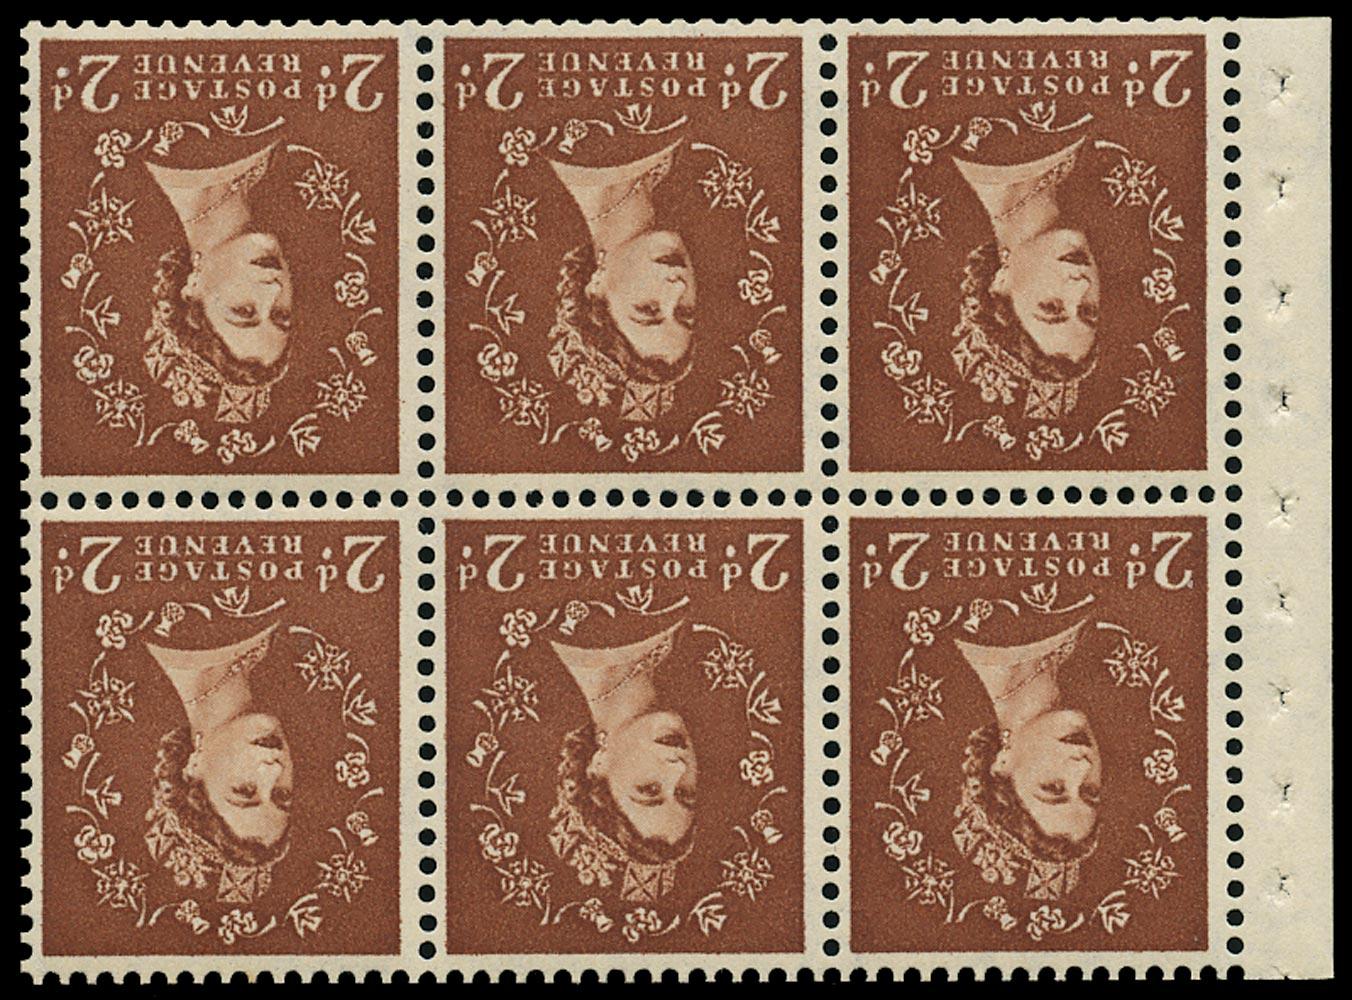 GB 1961  SG573lWi Booklet pane - Wmk. Crowns inverted